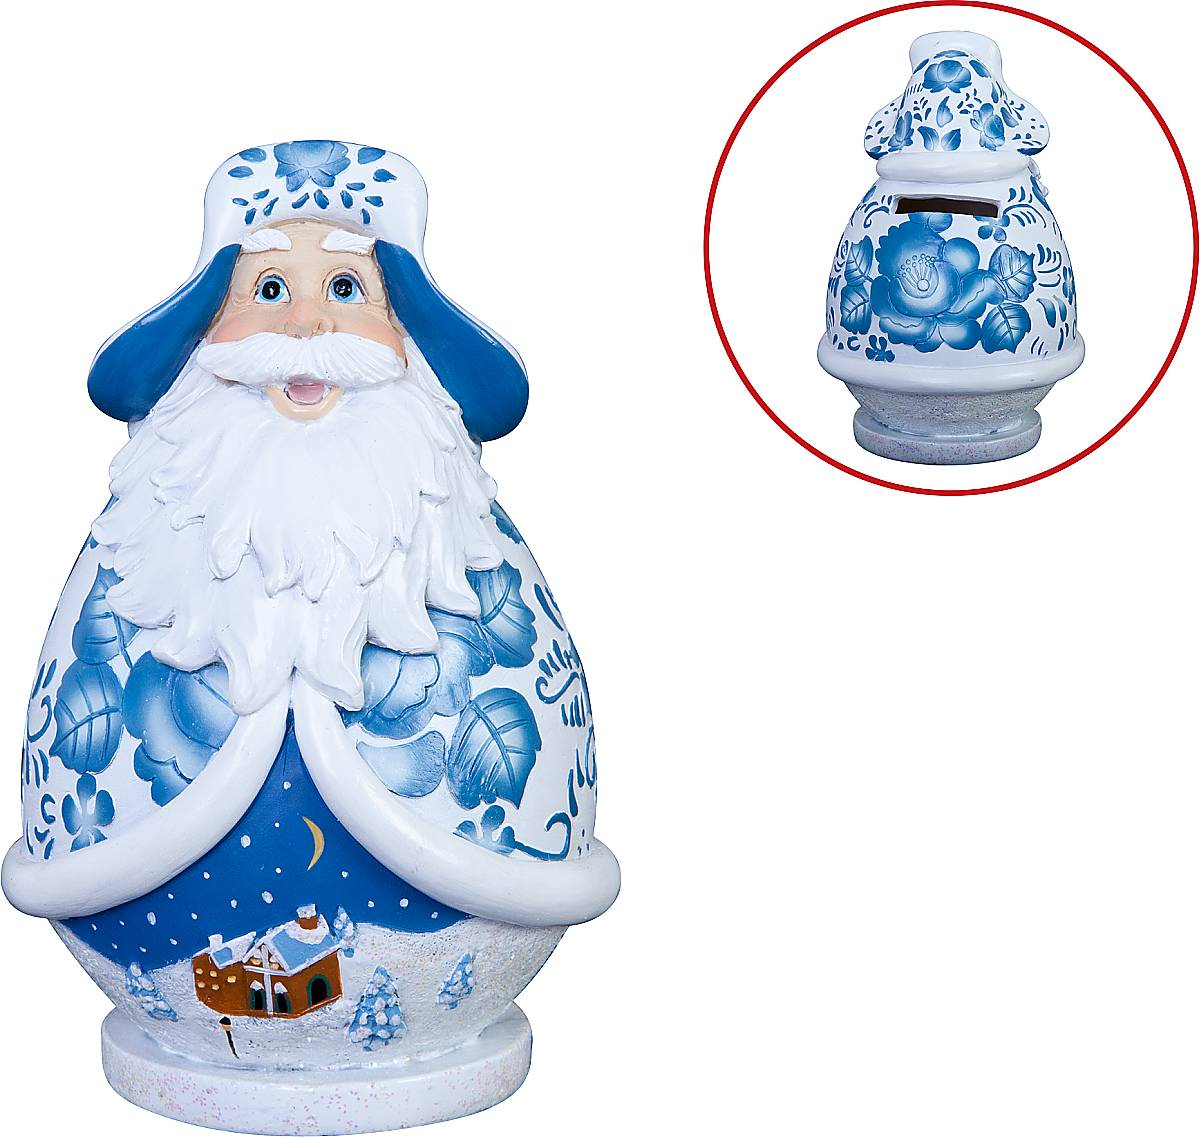 Копилка Mister Christmas Дед Мороз, высота 13 см набор подсвечников mister christmas дед мороз высота 22 5 см 2 шт